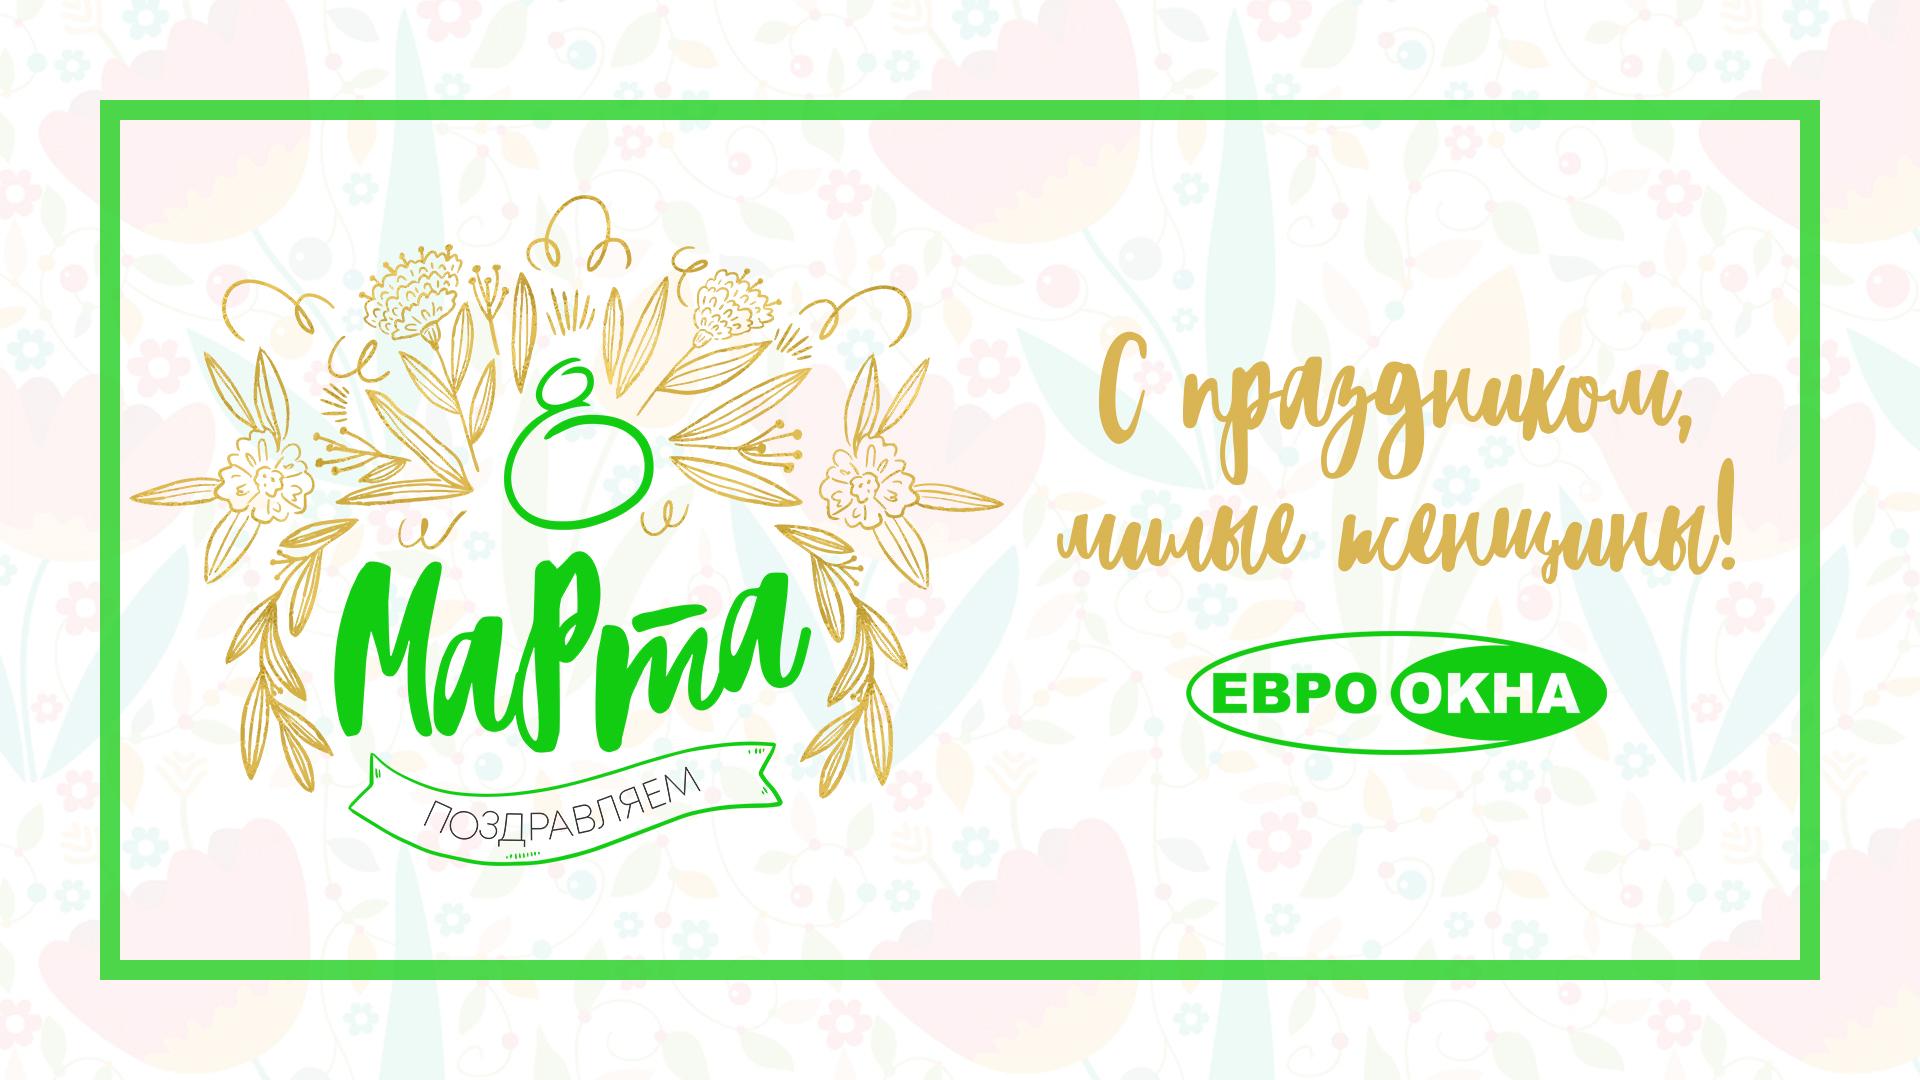 Евроокна - С 8 МАРТА